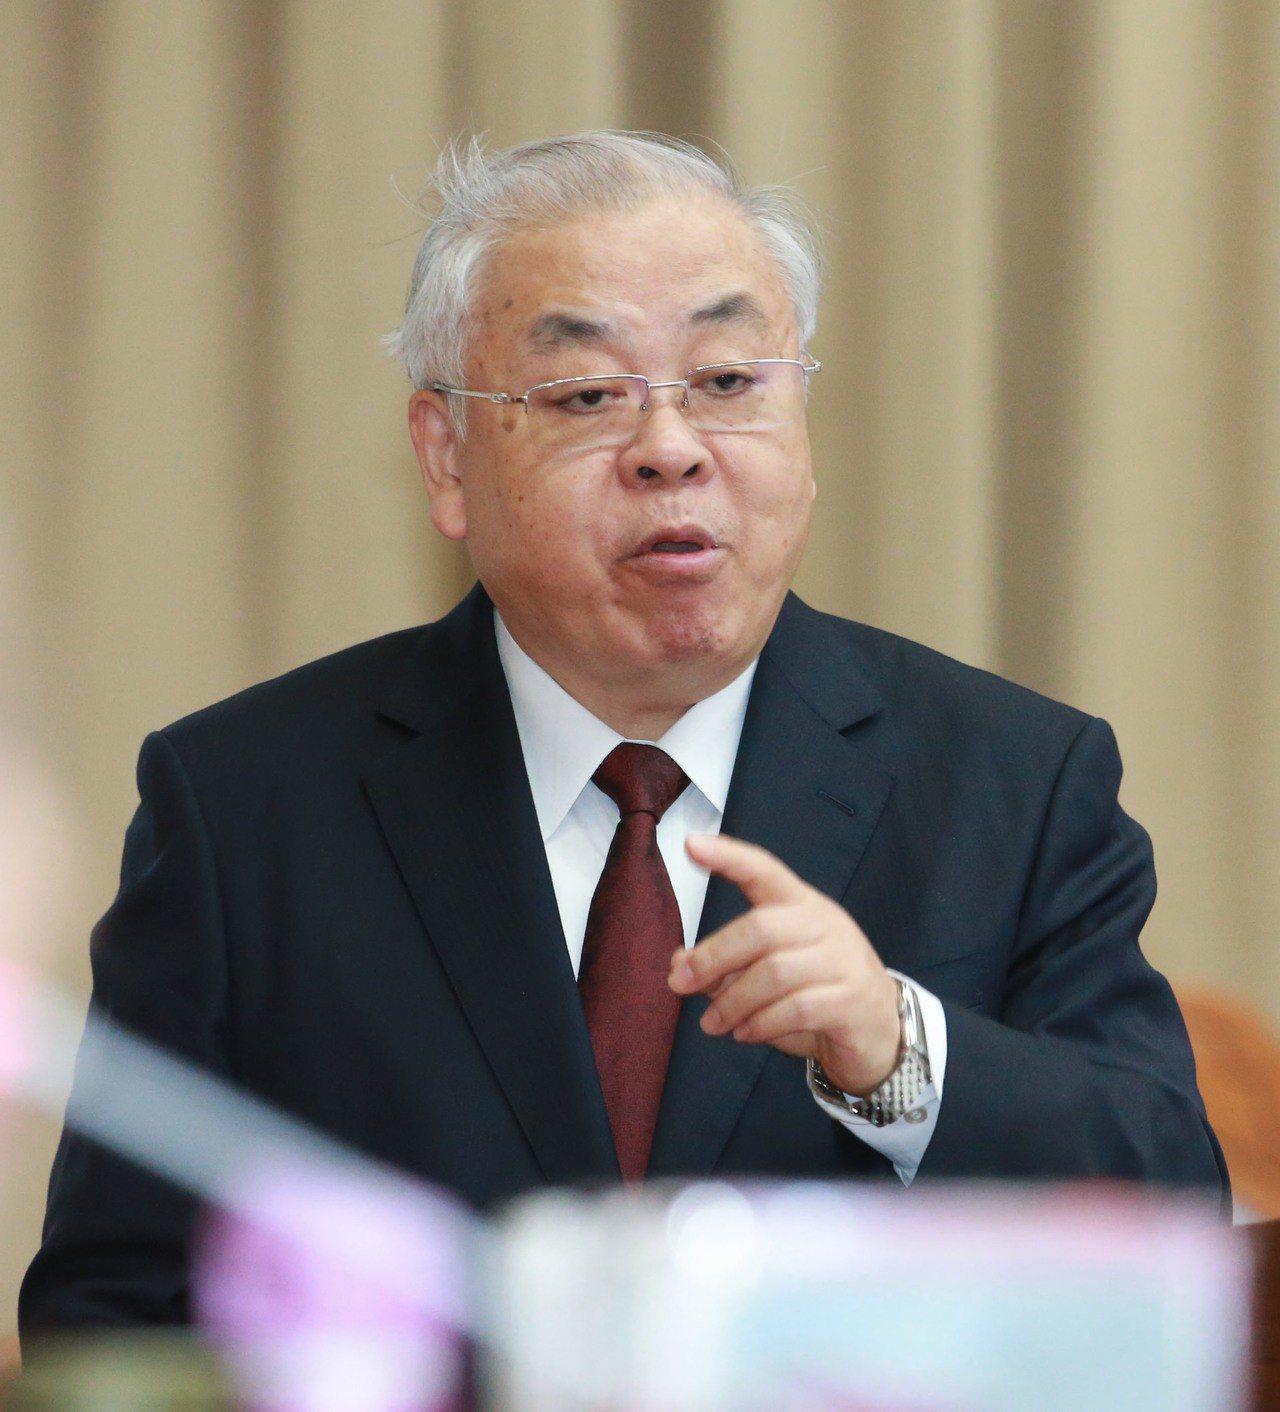 行政院主計總處主計長朱澤民表示,「目前物價是溫和的」,沒有通膨也沒有通貨緊縮趨勢...